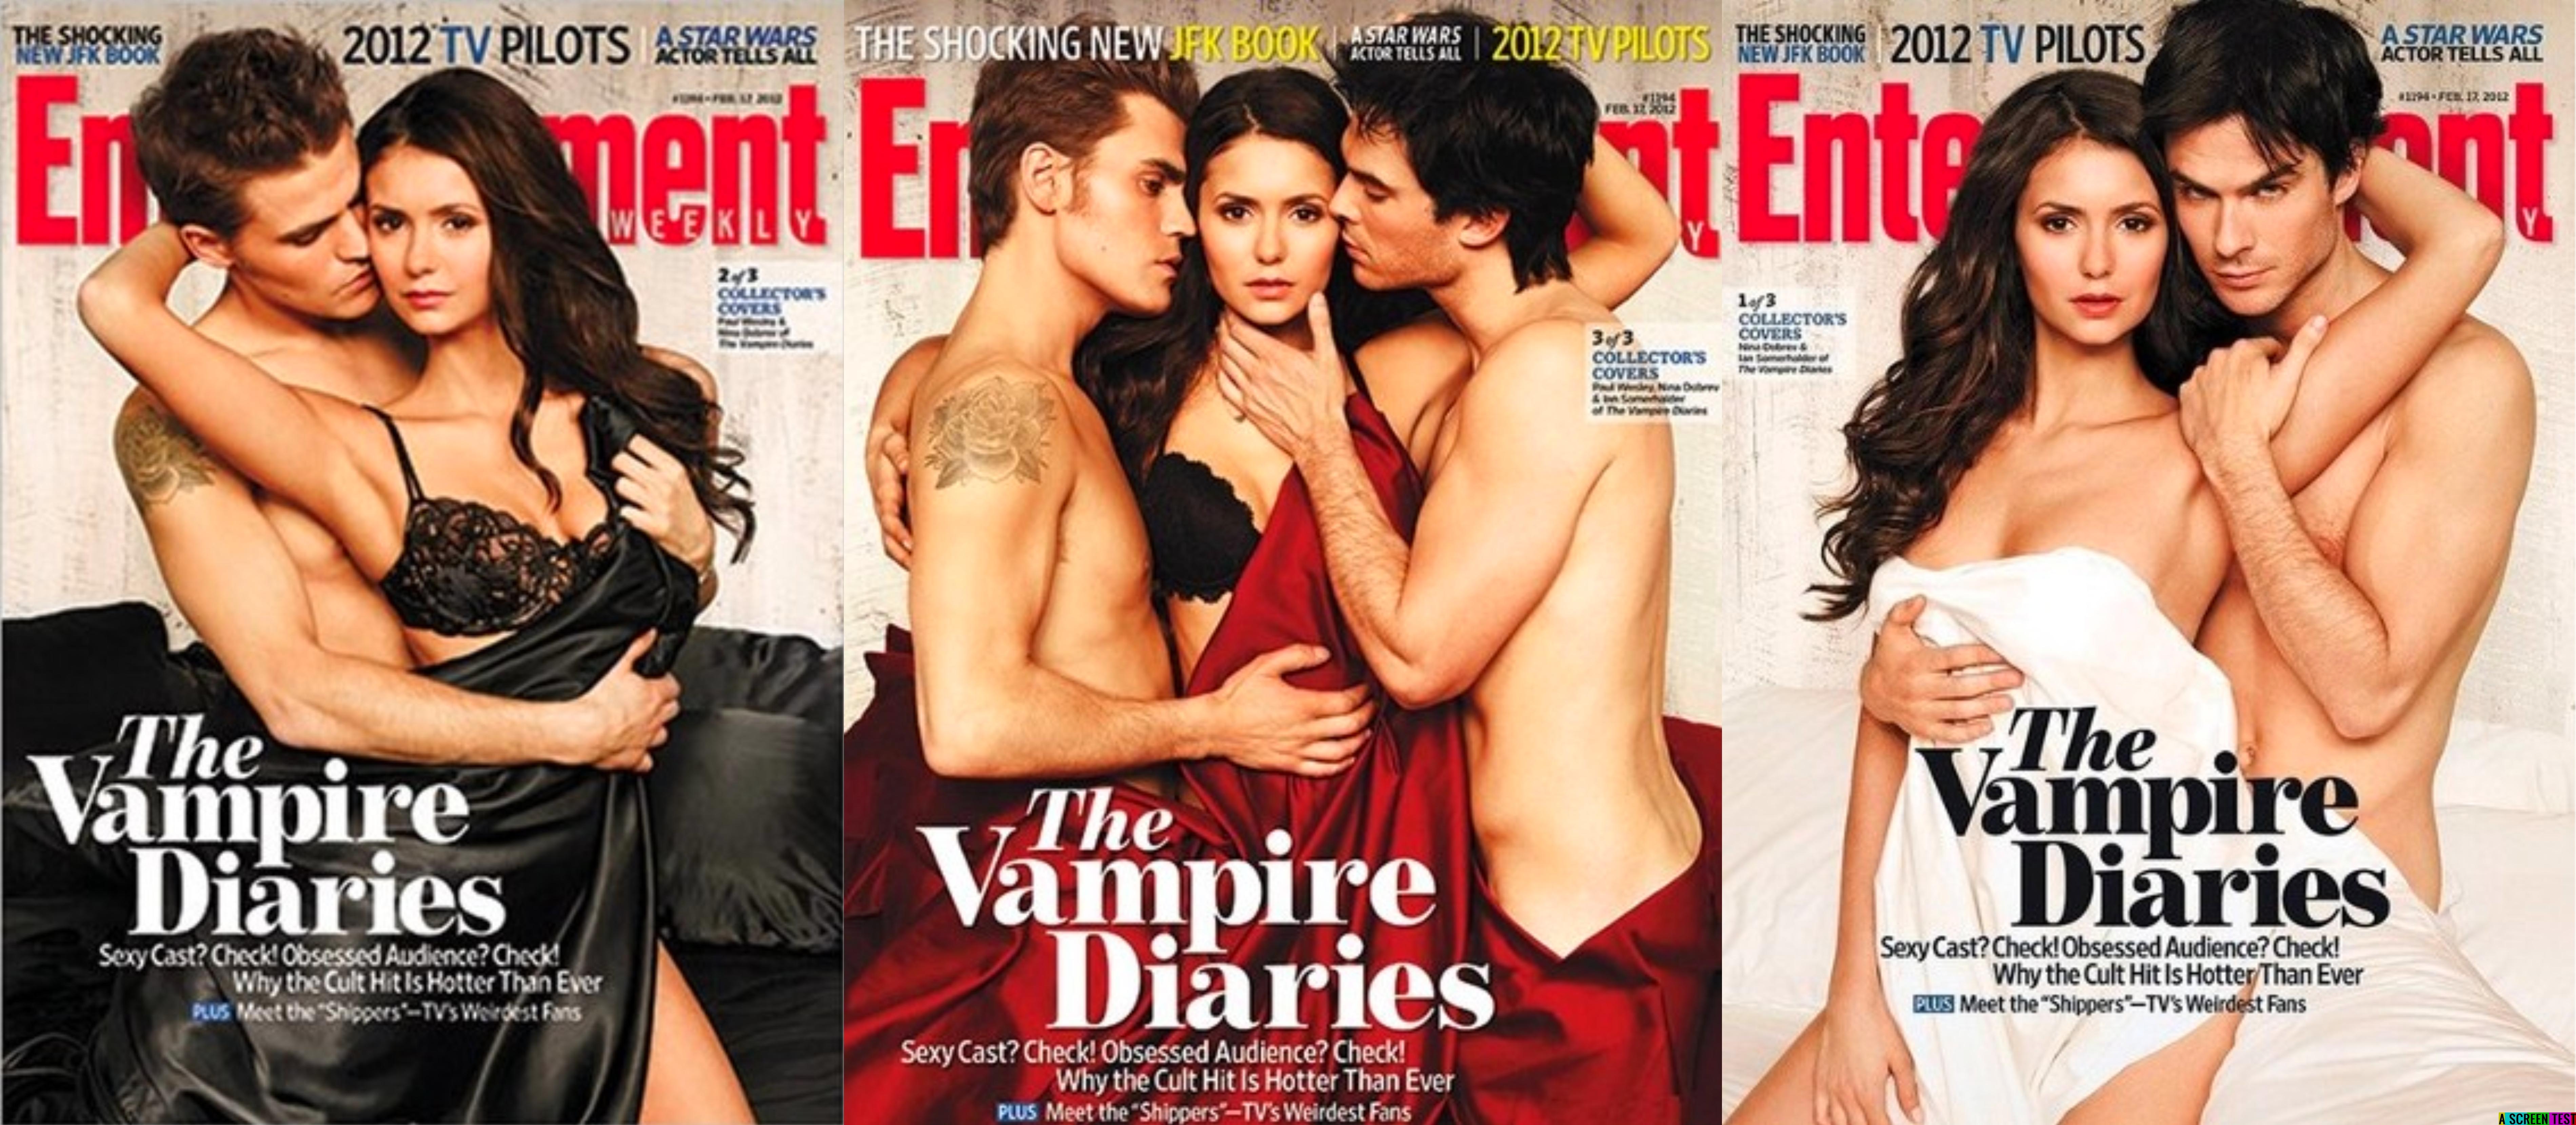 Dan Fink Vampire Diaries